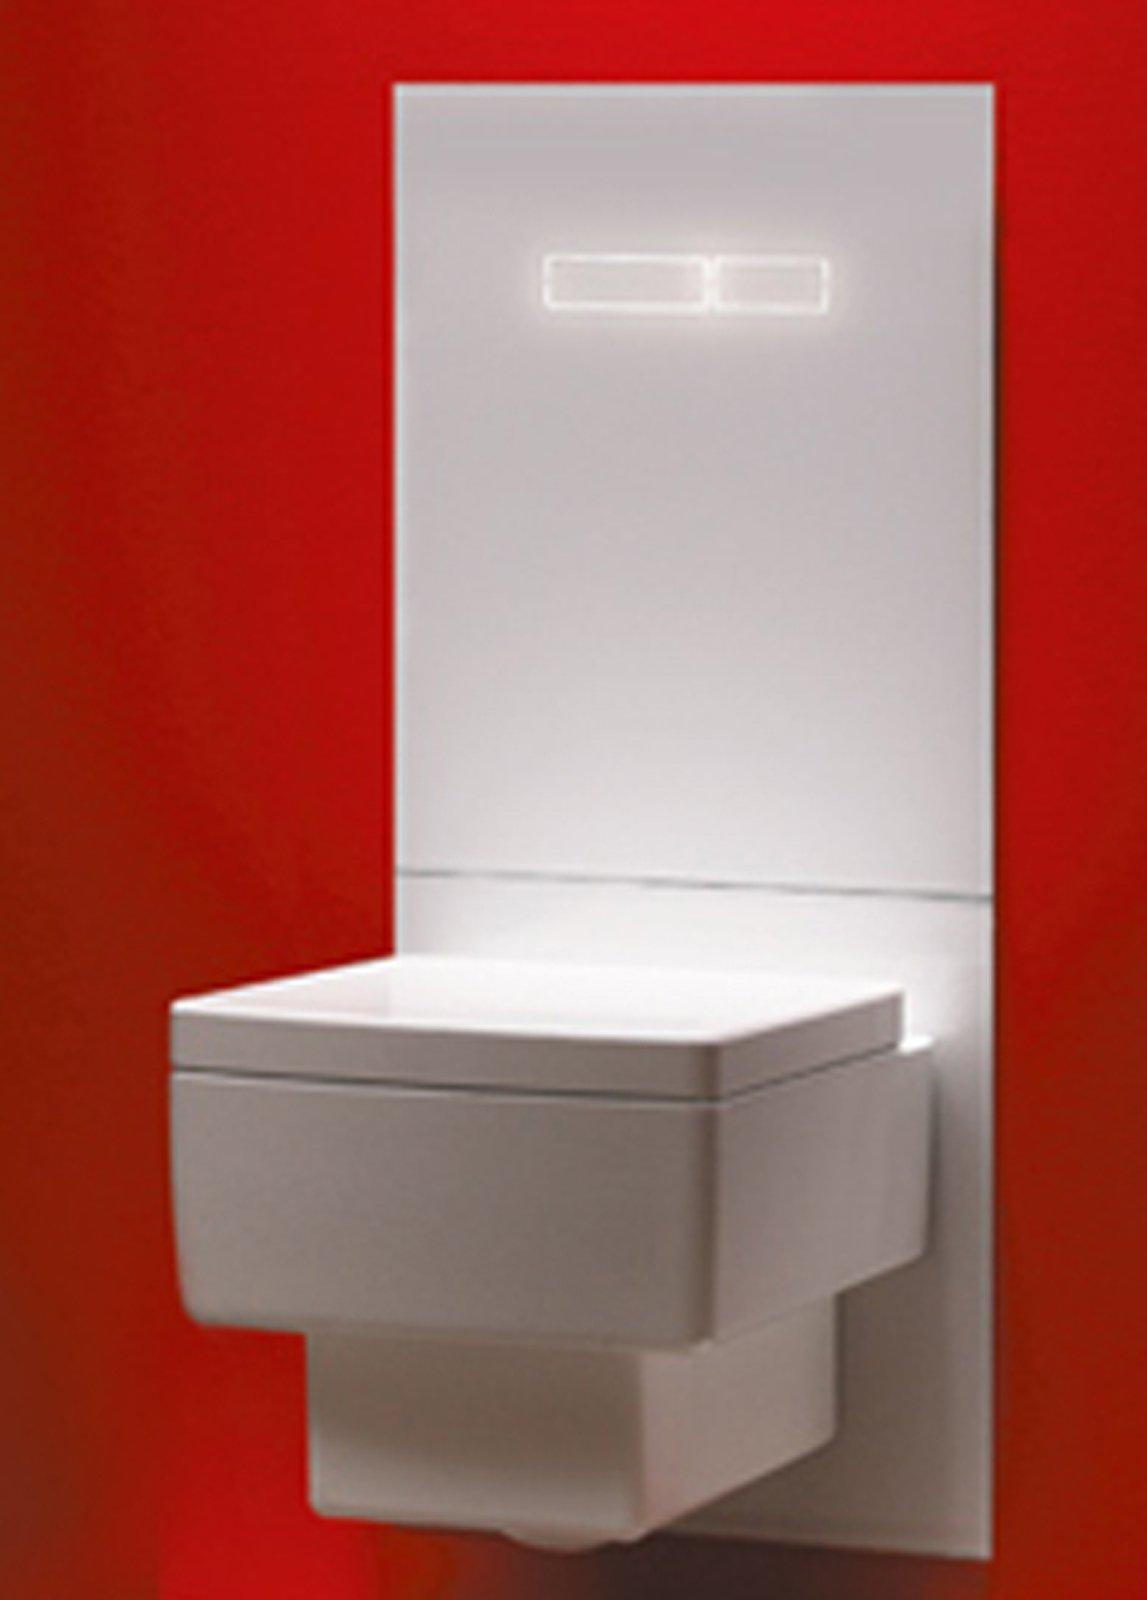 Sanitari praticit e sicurezza in pi cose di casa - Bagno purificatore ...